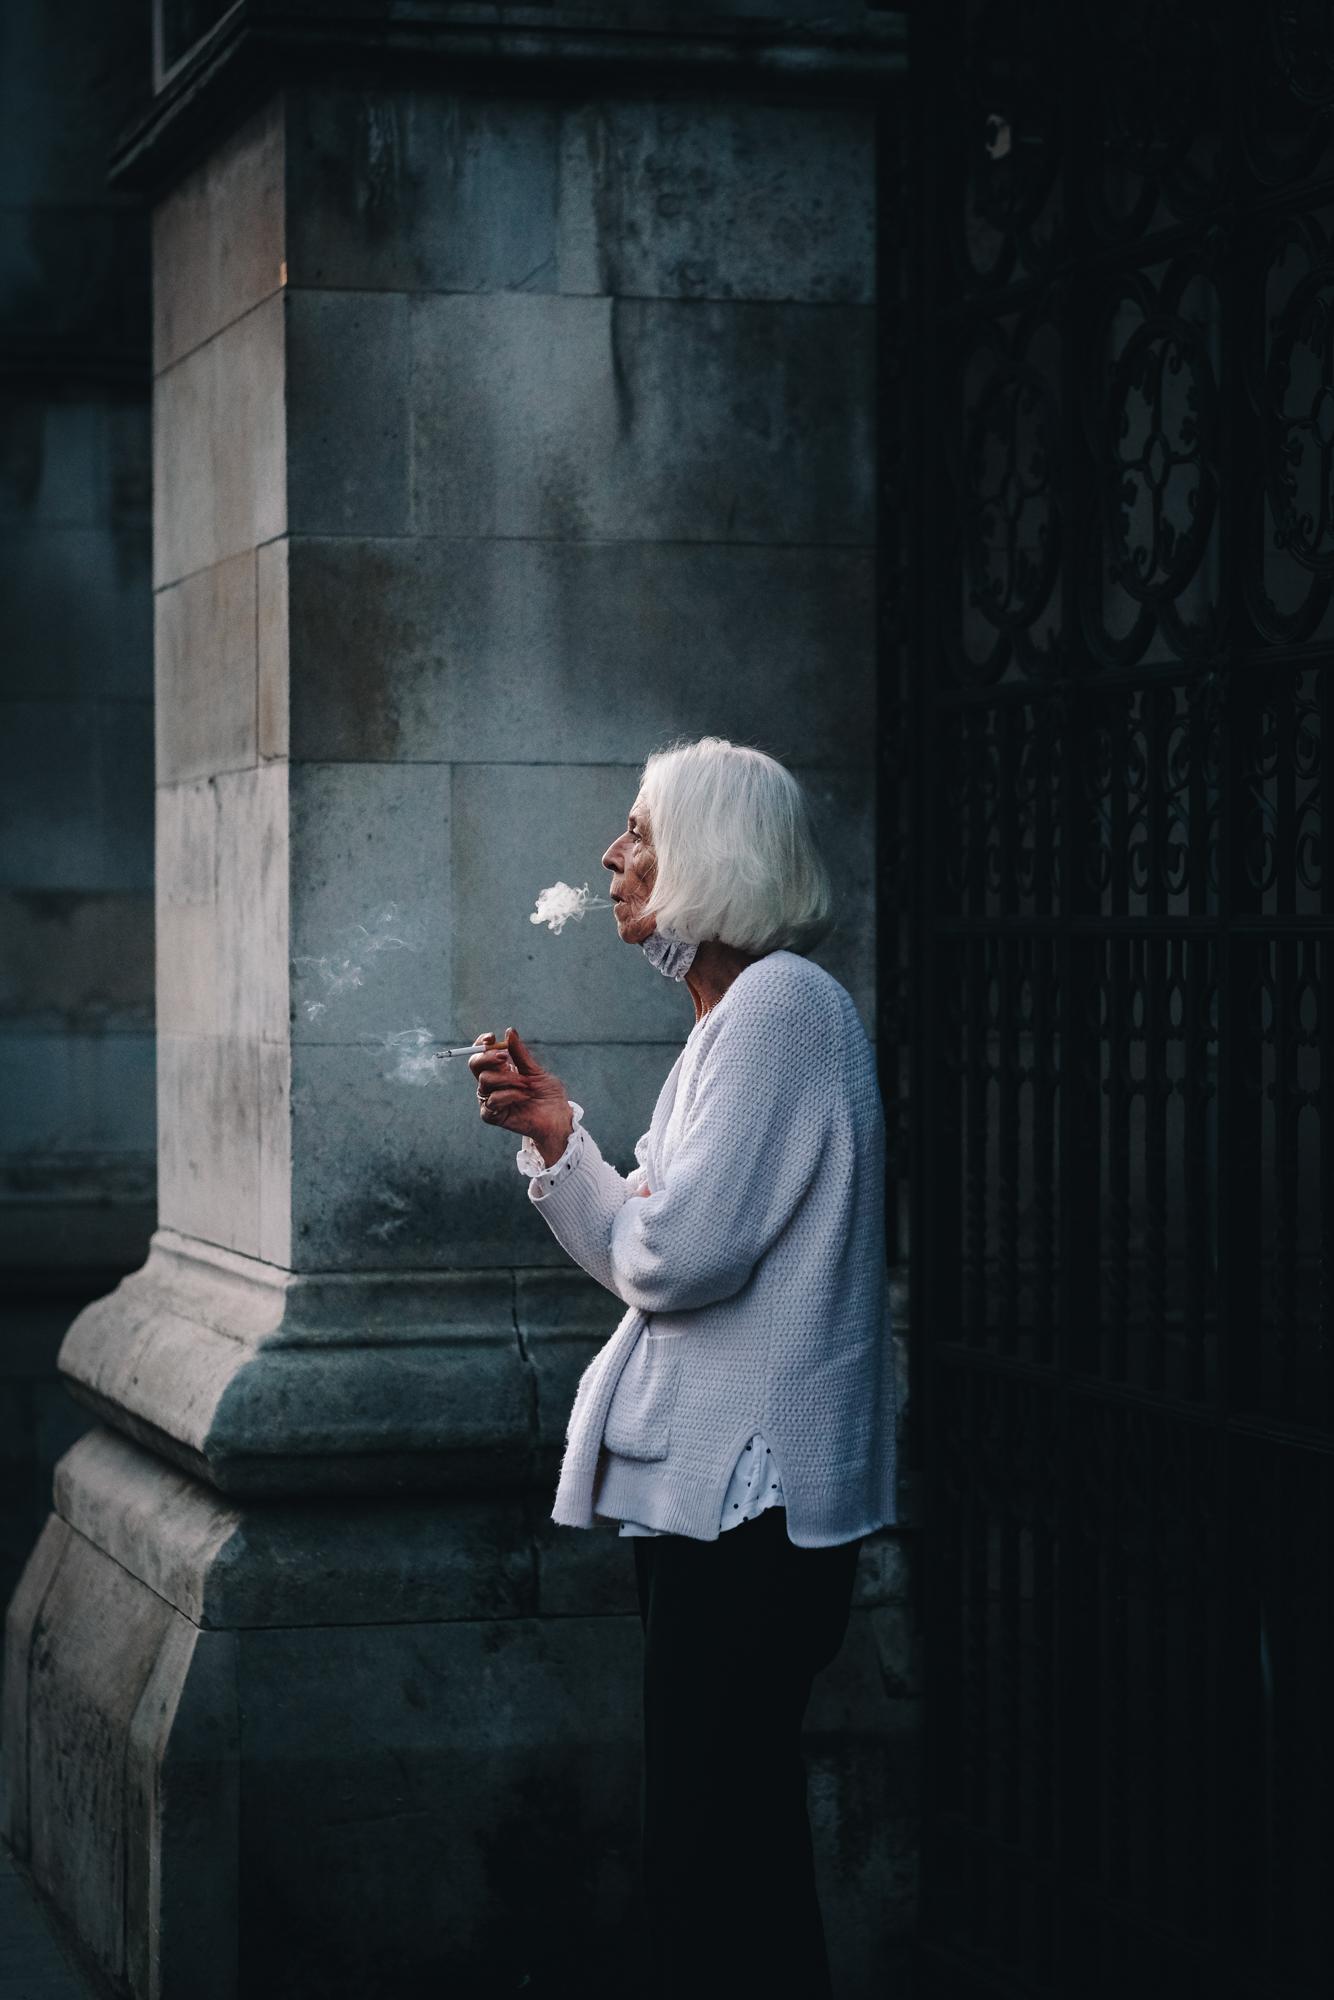 Portrait candide d'une femme fumant dans les rues de Holborn, Londres, Royaume-Uni 2020